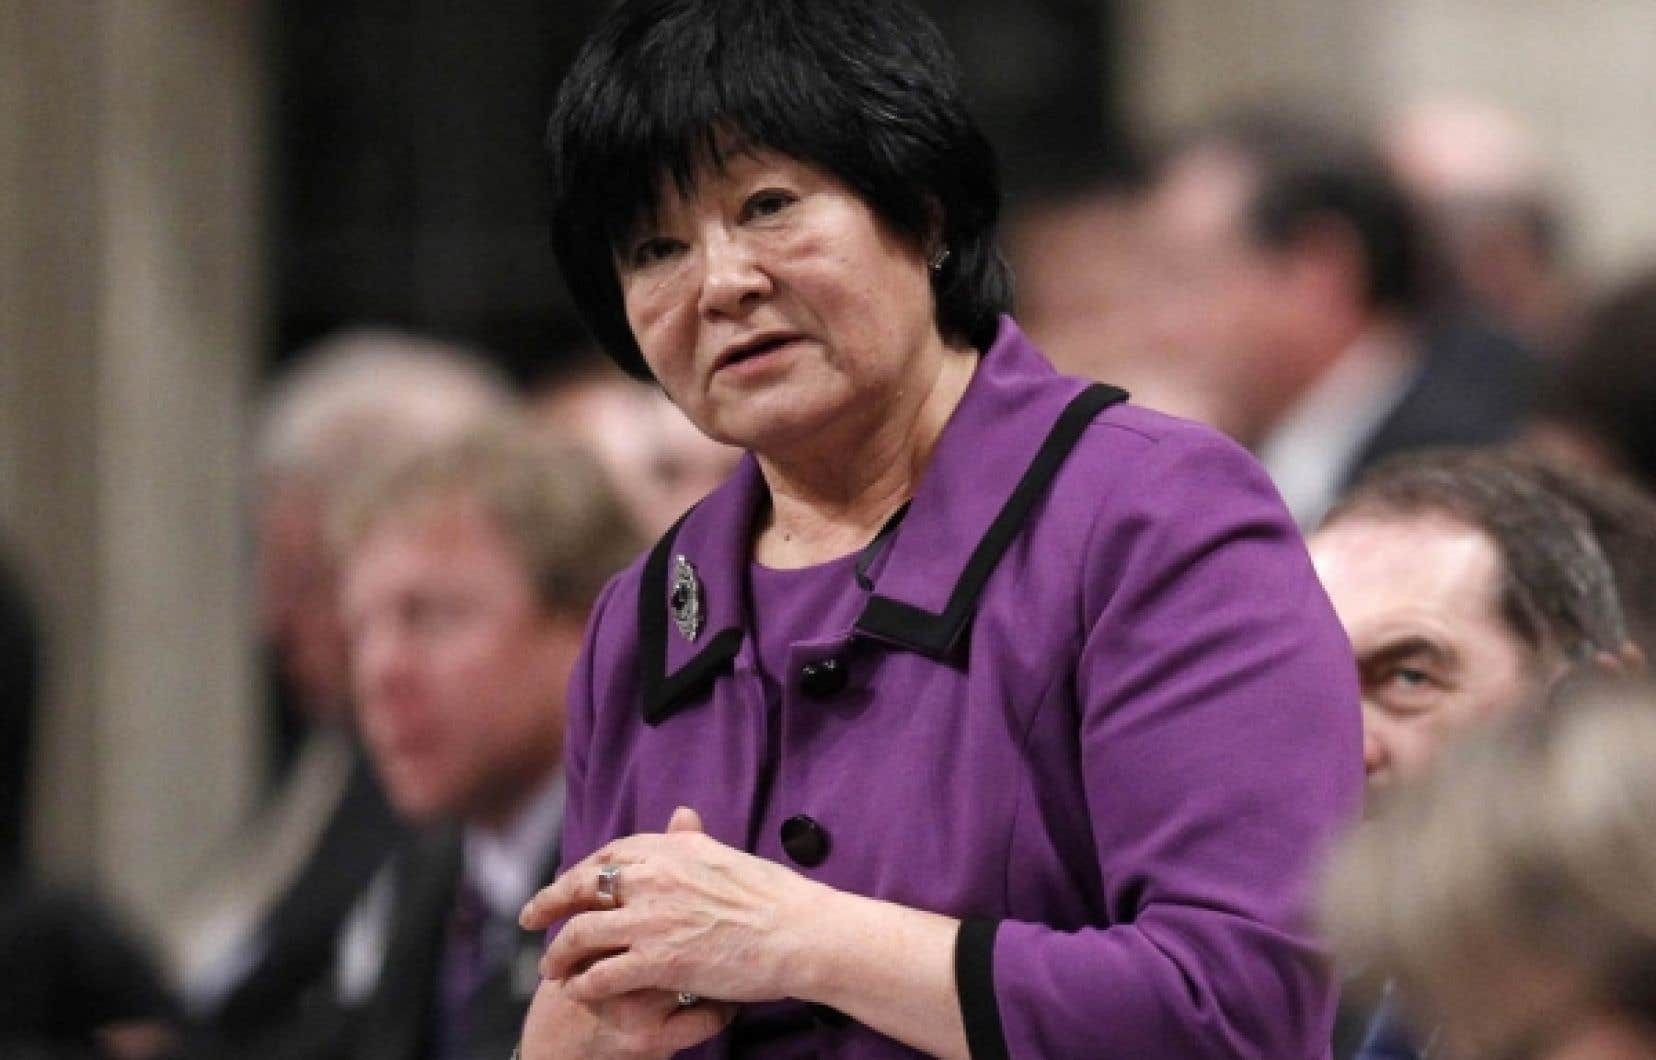 La ministre Bev Oda a finalement admis hier que c'est elle qui a refusé de financer l'organisme Kairos, qui fournit de l'aide en développement, notamment au Moyen-Orient.